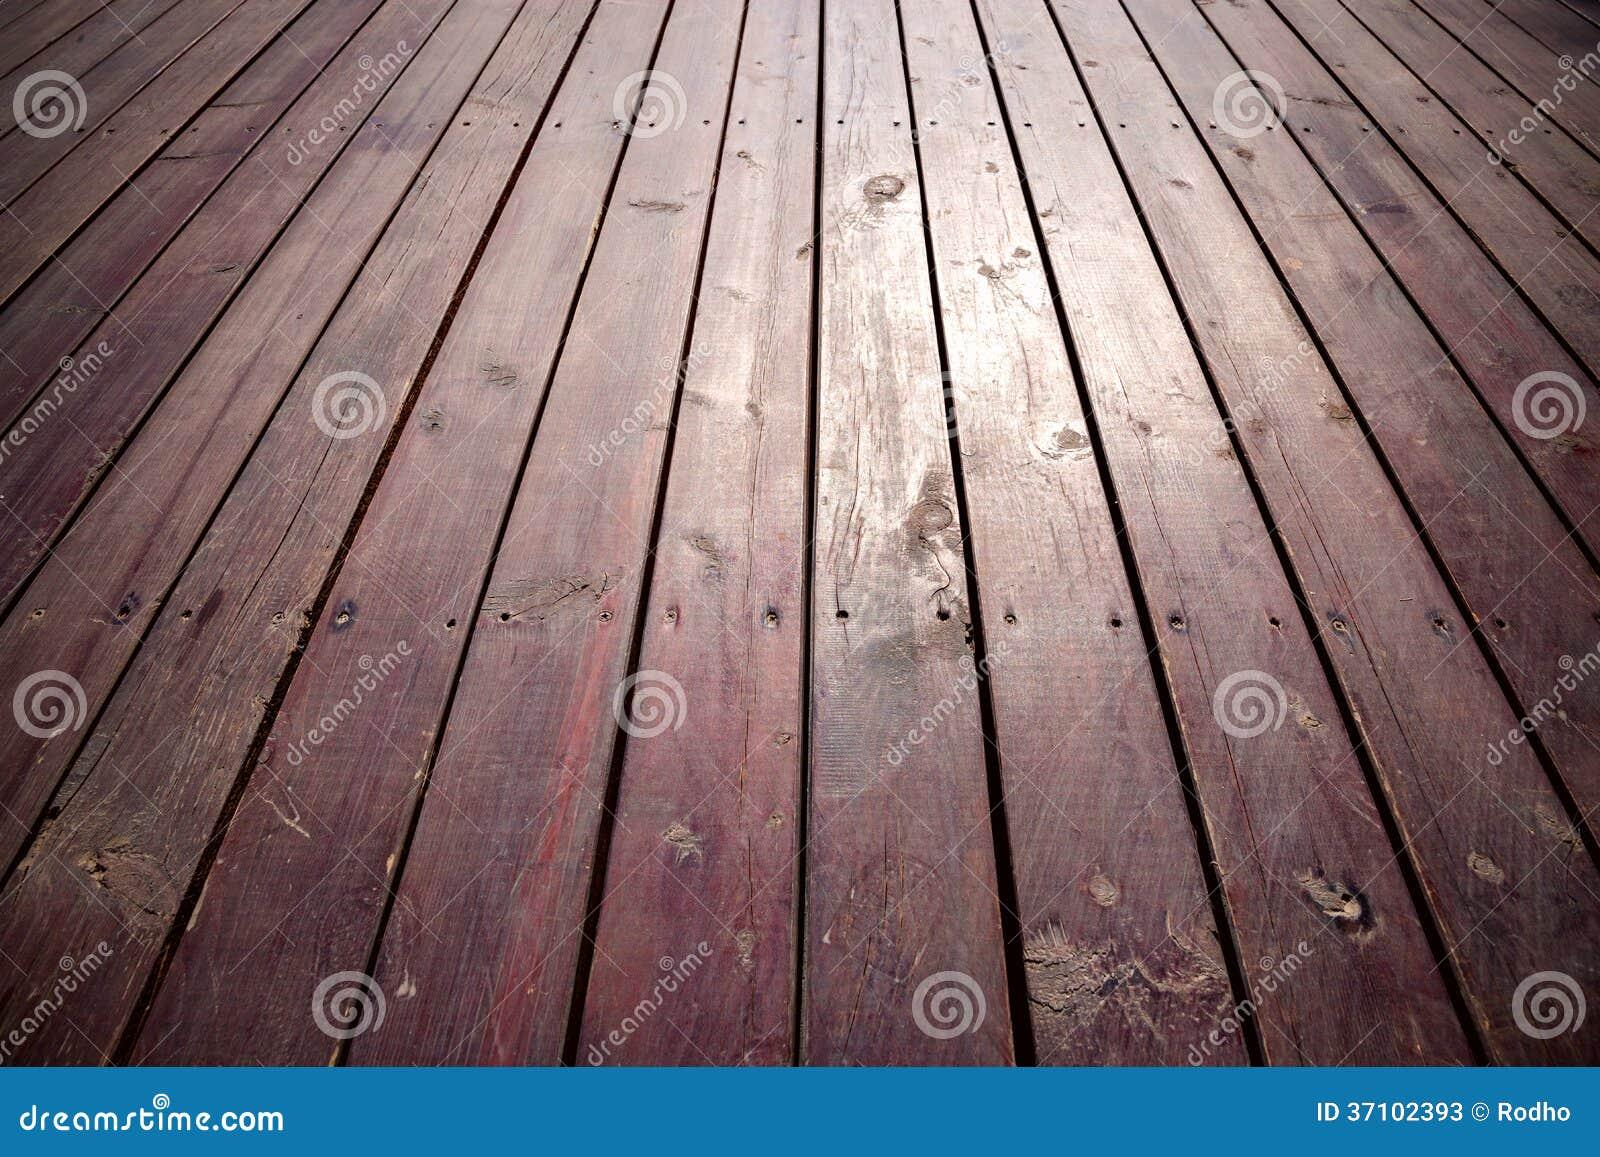 Assi Di Legno Hd : Assi del pavimento di legno anziane immagine stock immagine di